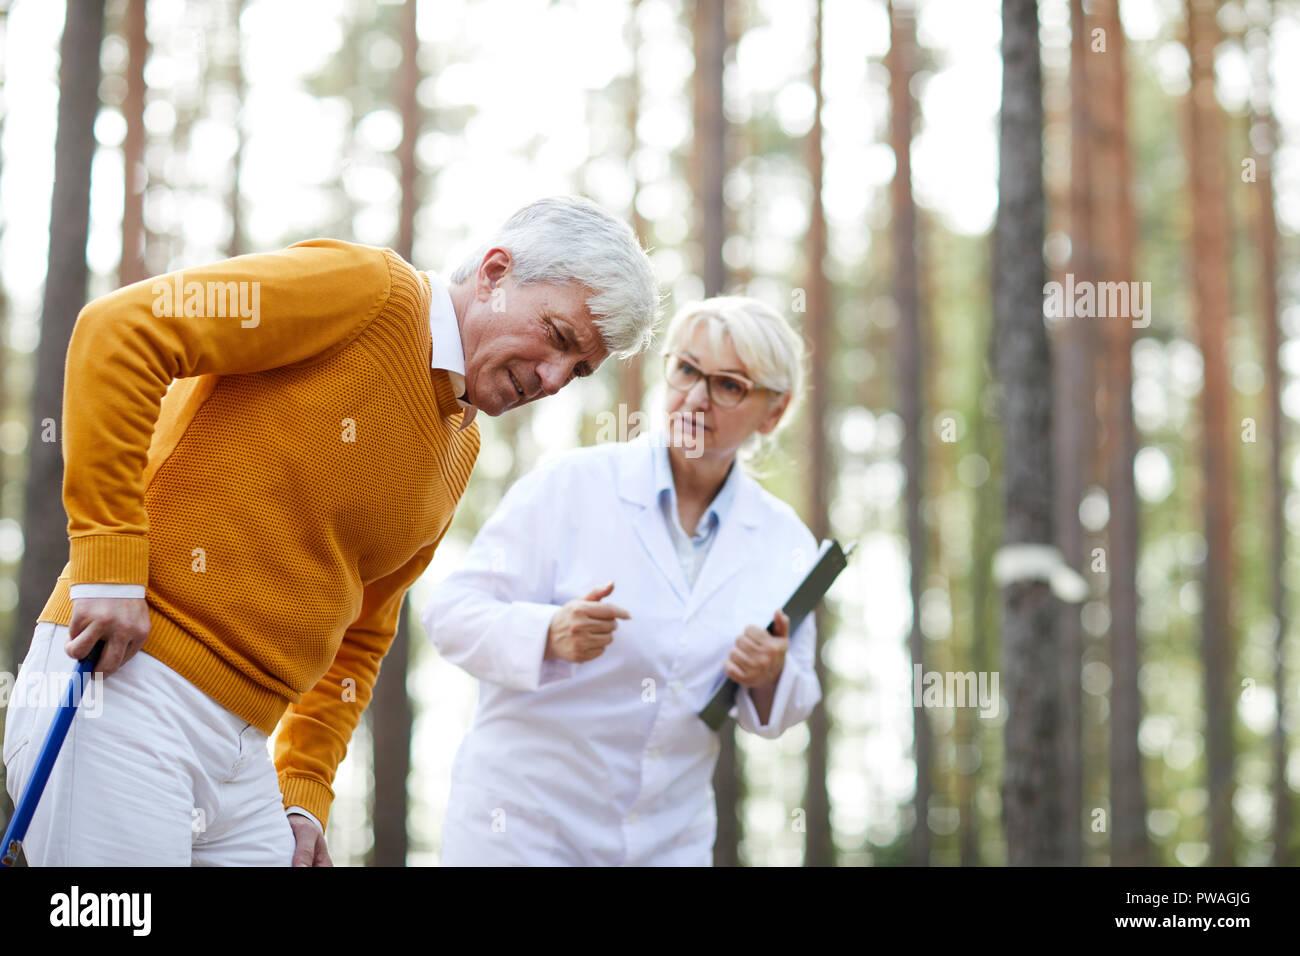 Houston Italian Senior Dating Online Site